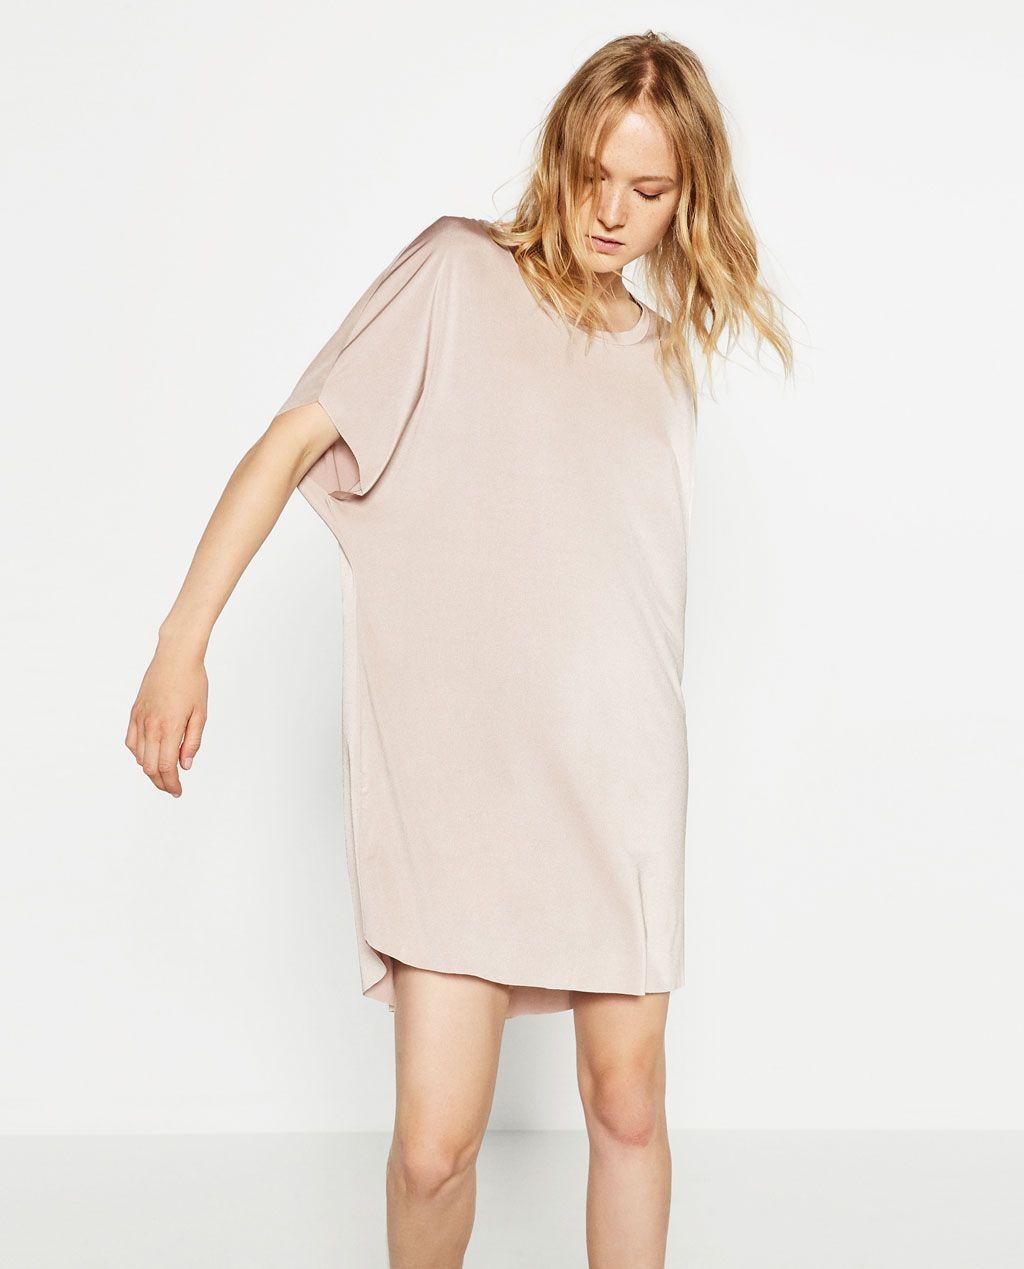 Access Denied  Fliessende kleider, Fließendes kleid, Kleider für